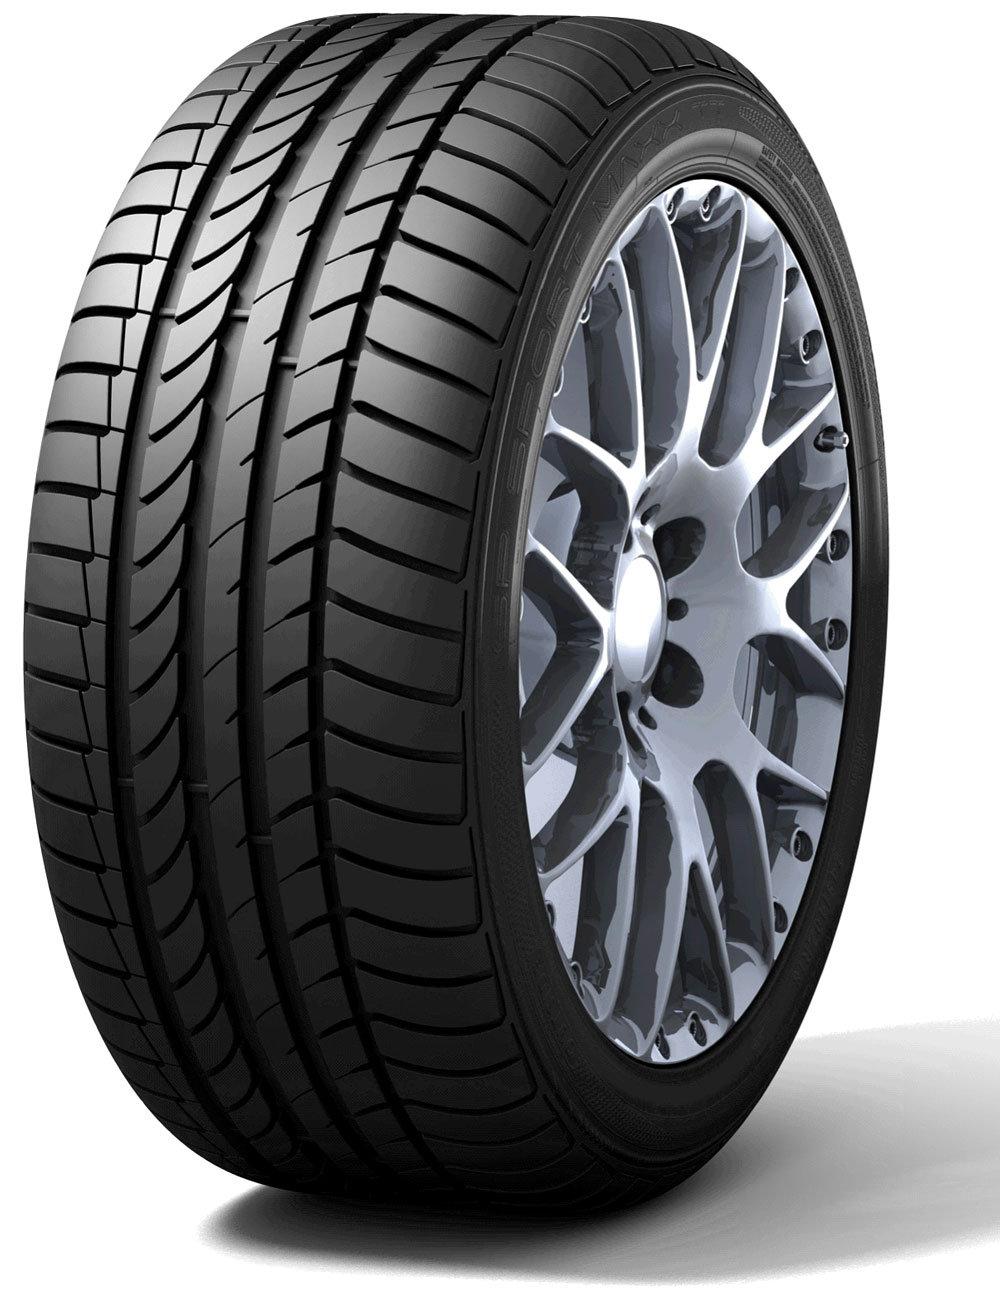 Dunlop Sp Sport Maxx Tt * Rof